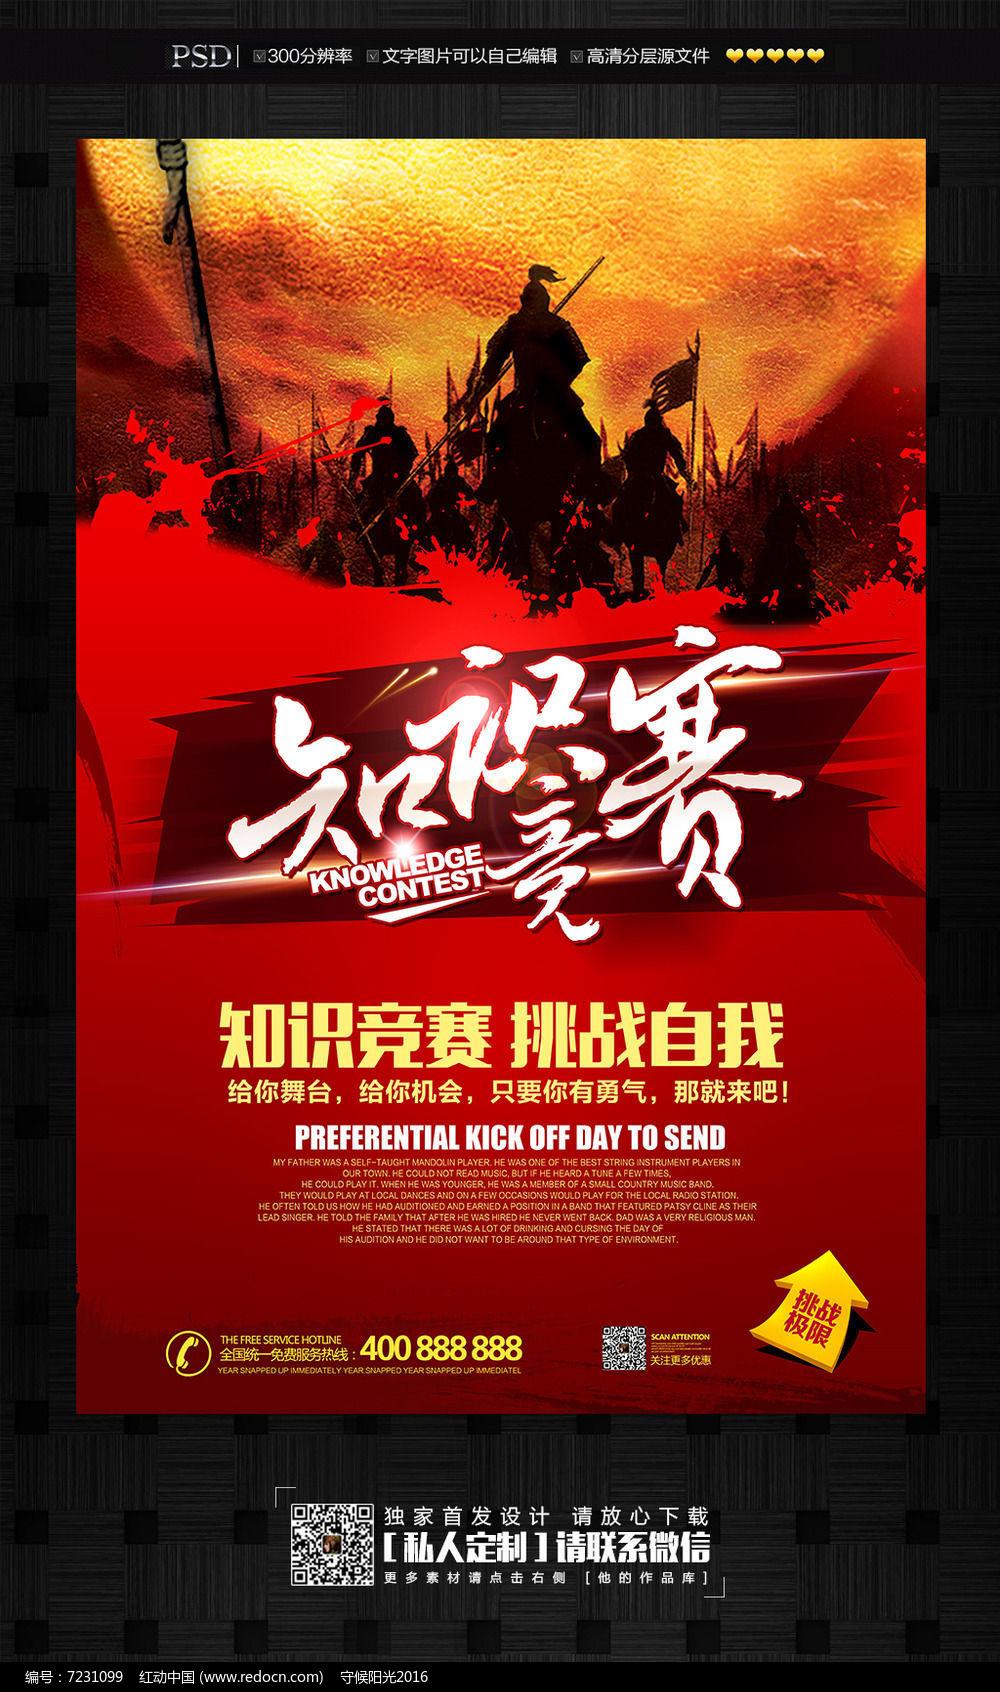 原创设计稿 海报设计/宣传单/广告牌 海报设计 红色知识竞赛演讲比赛